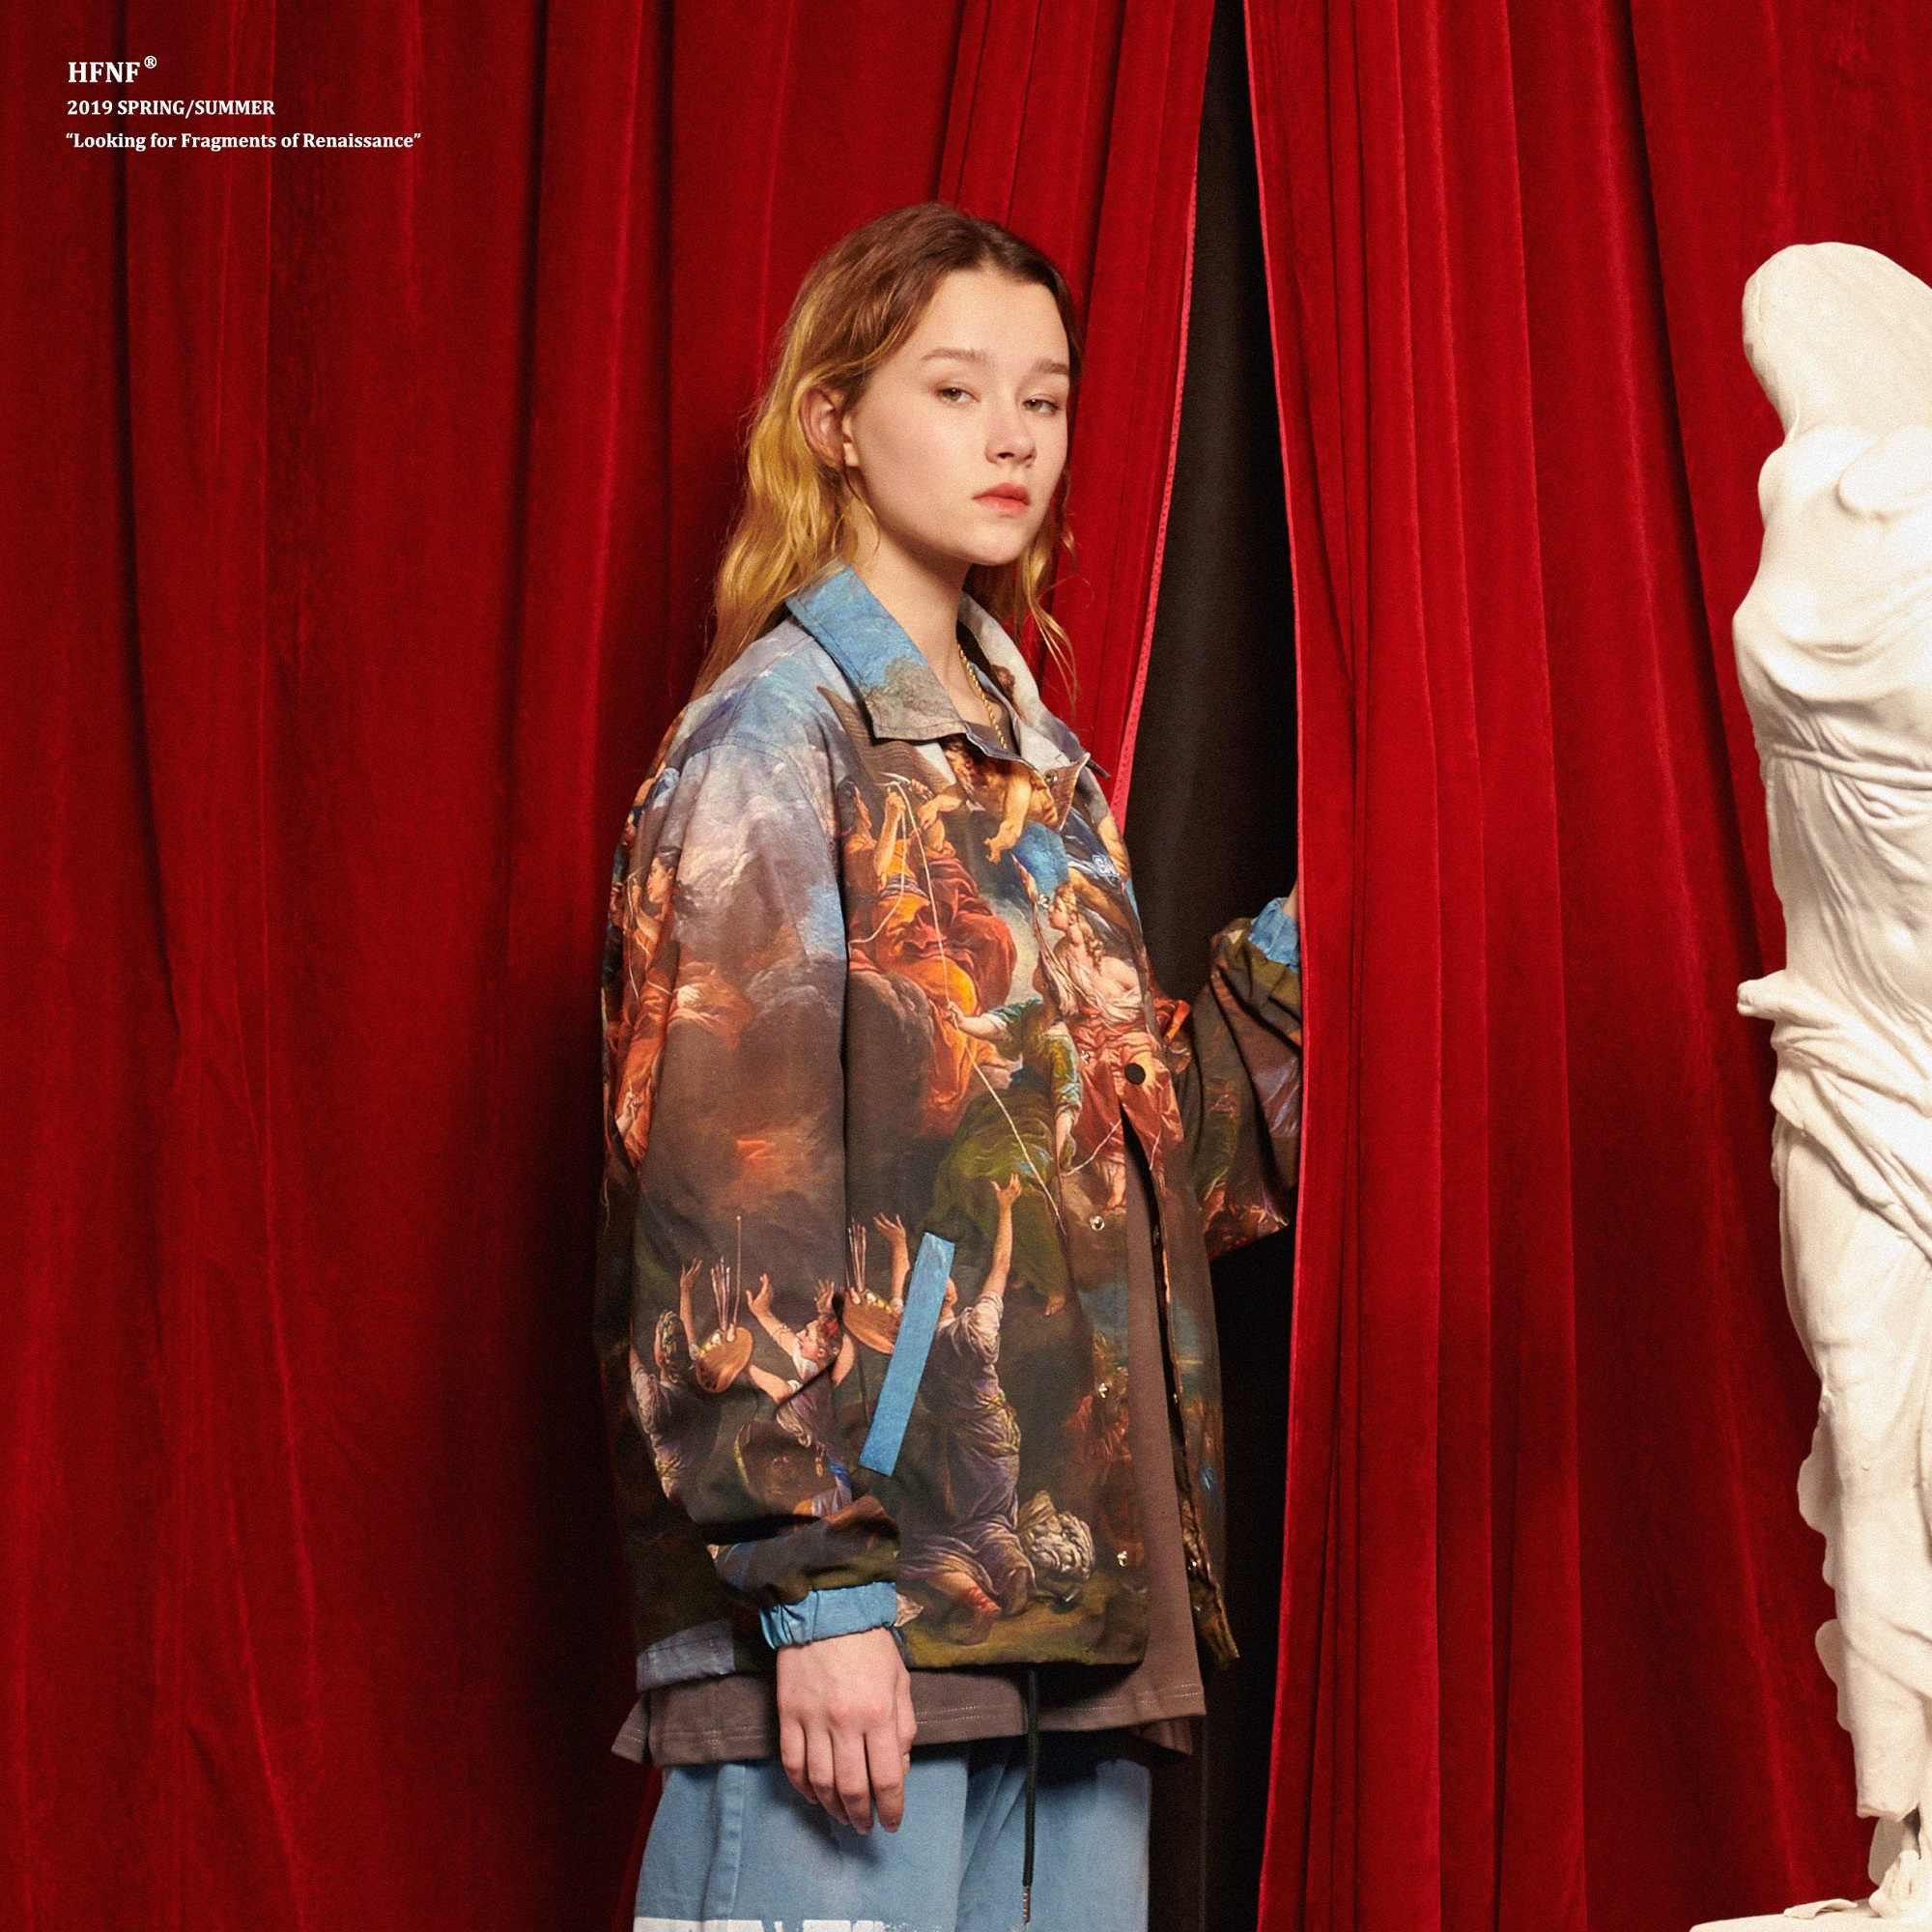 נשים של מעיל מעילי בנות חולצות להאריך ימים יותר ארוך שרוול צעיר Streetwear היפ הופ מגמת גאות סווטשירט עבור ספורט פנאי חיצוני